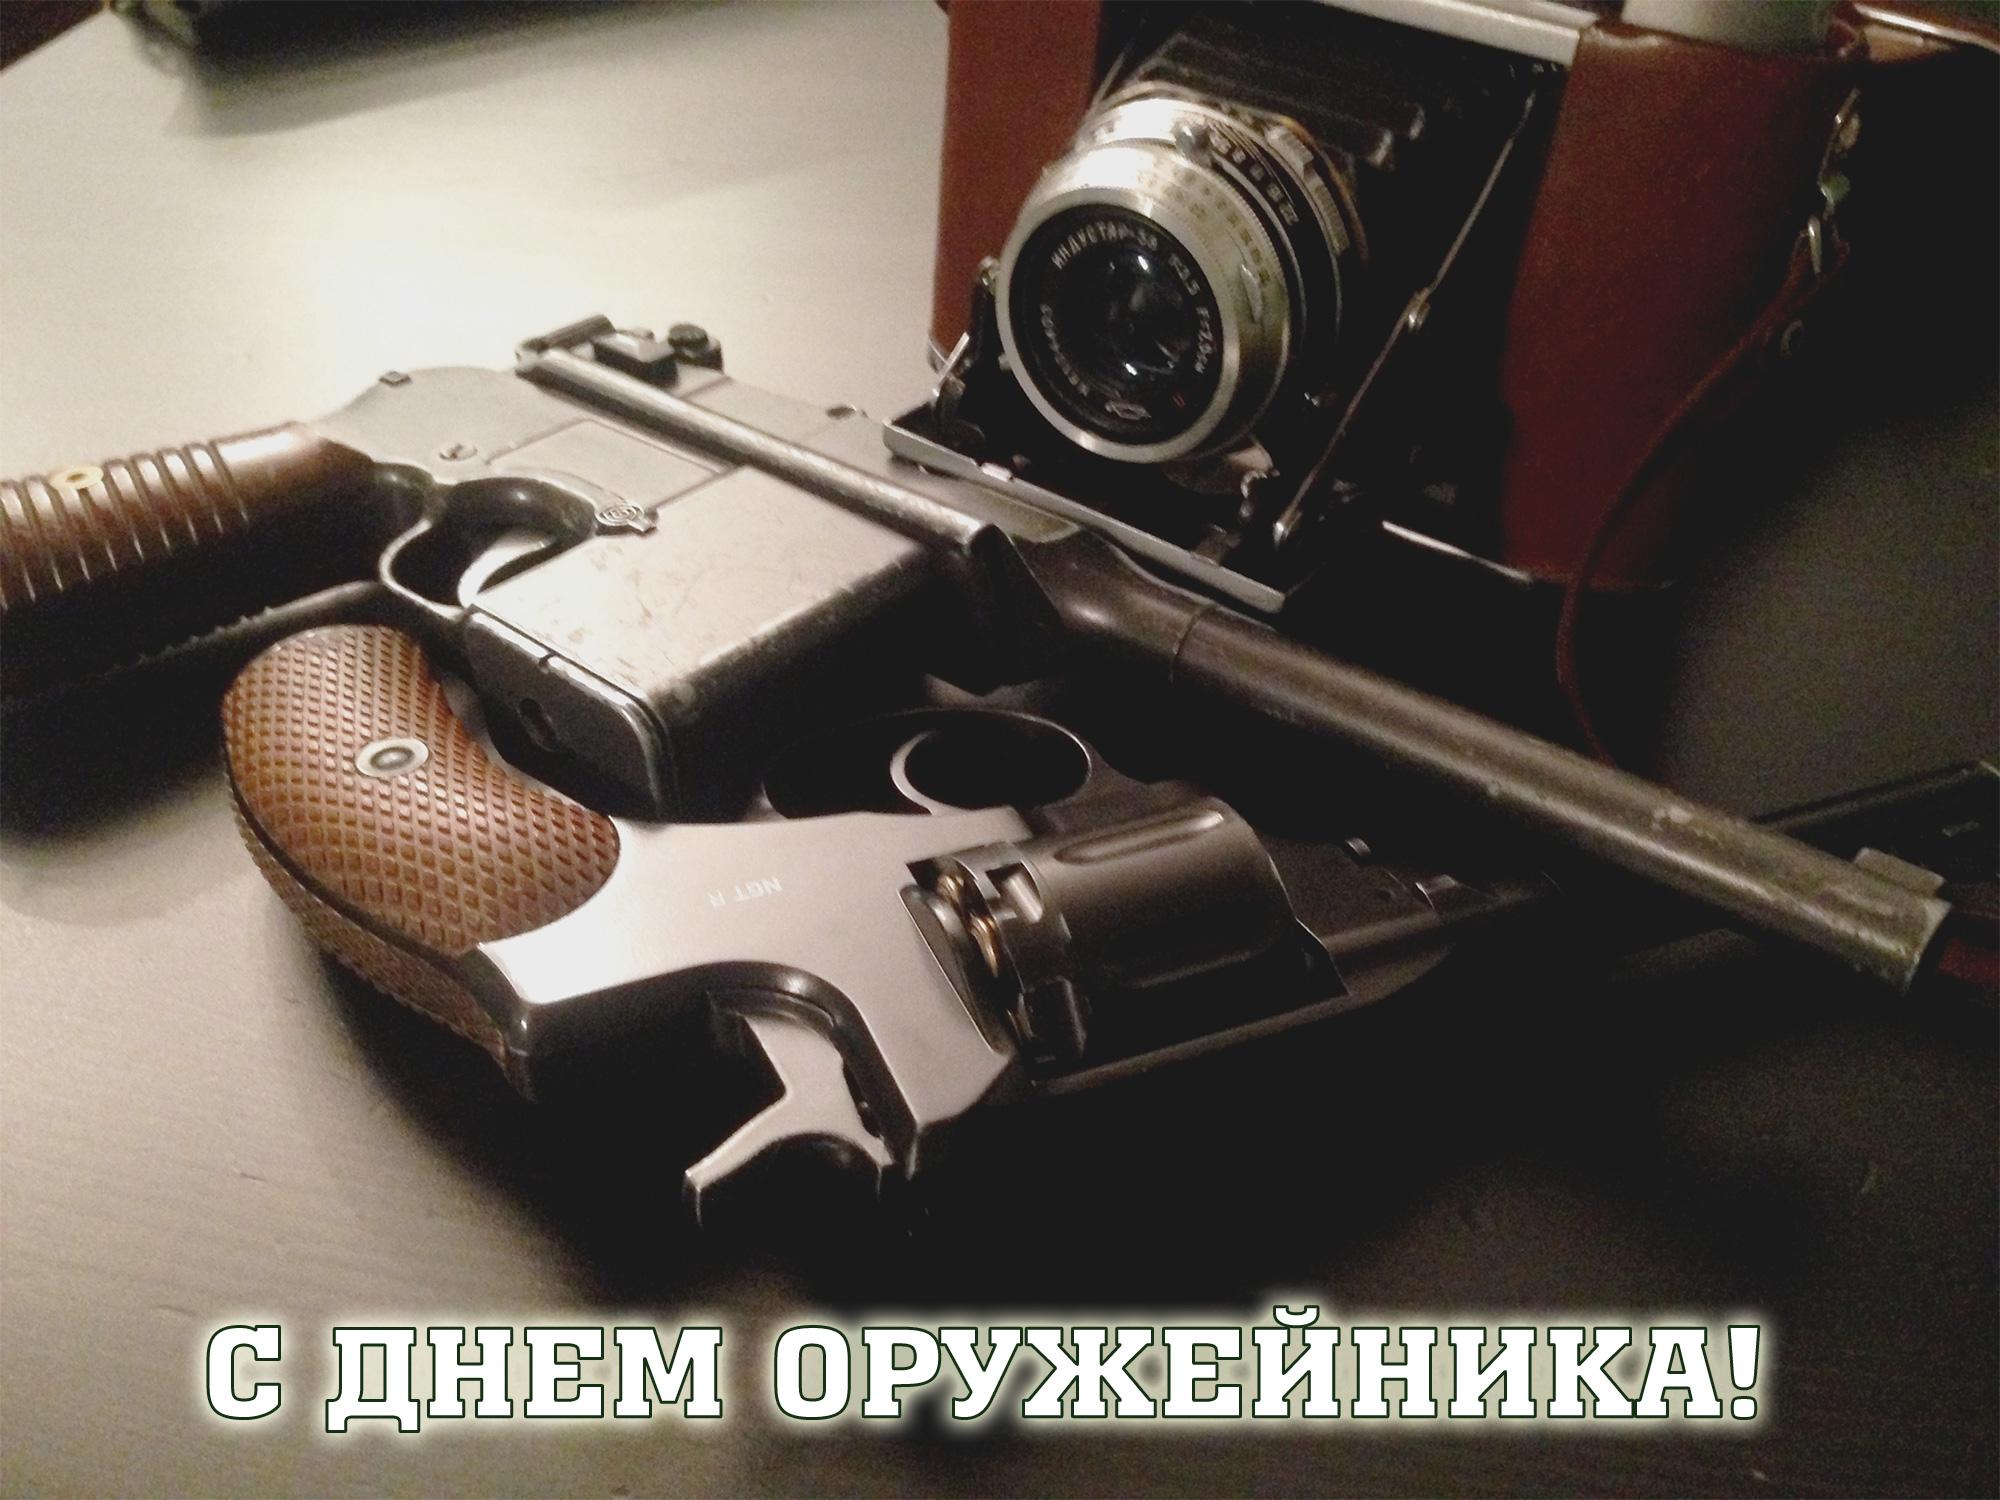 Красивые картинки с днем оружейника в России (10)